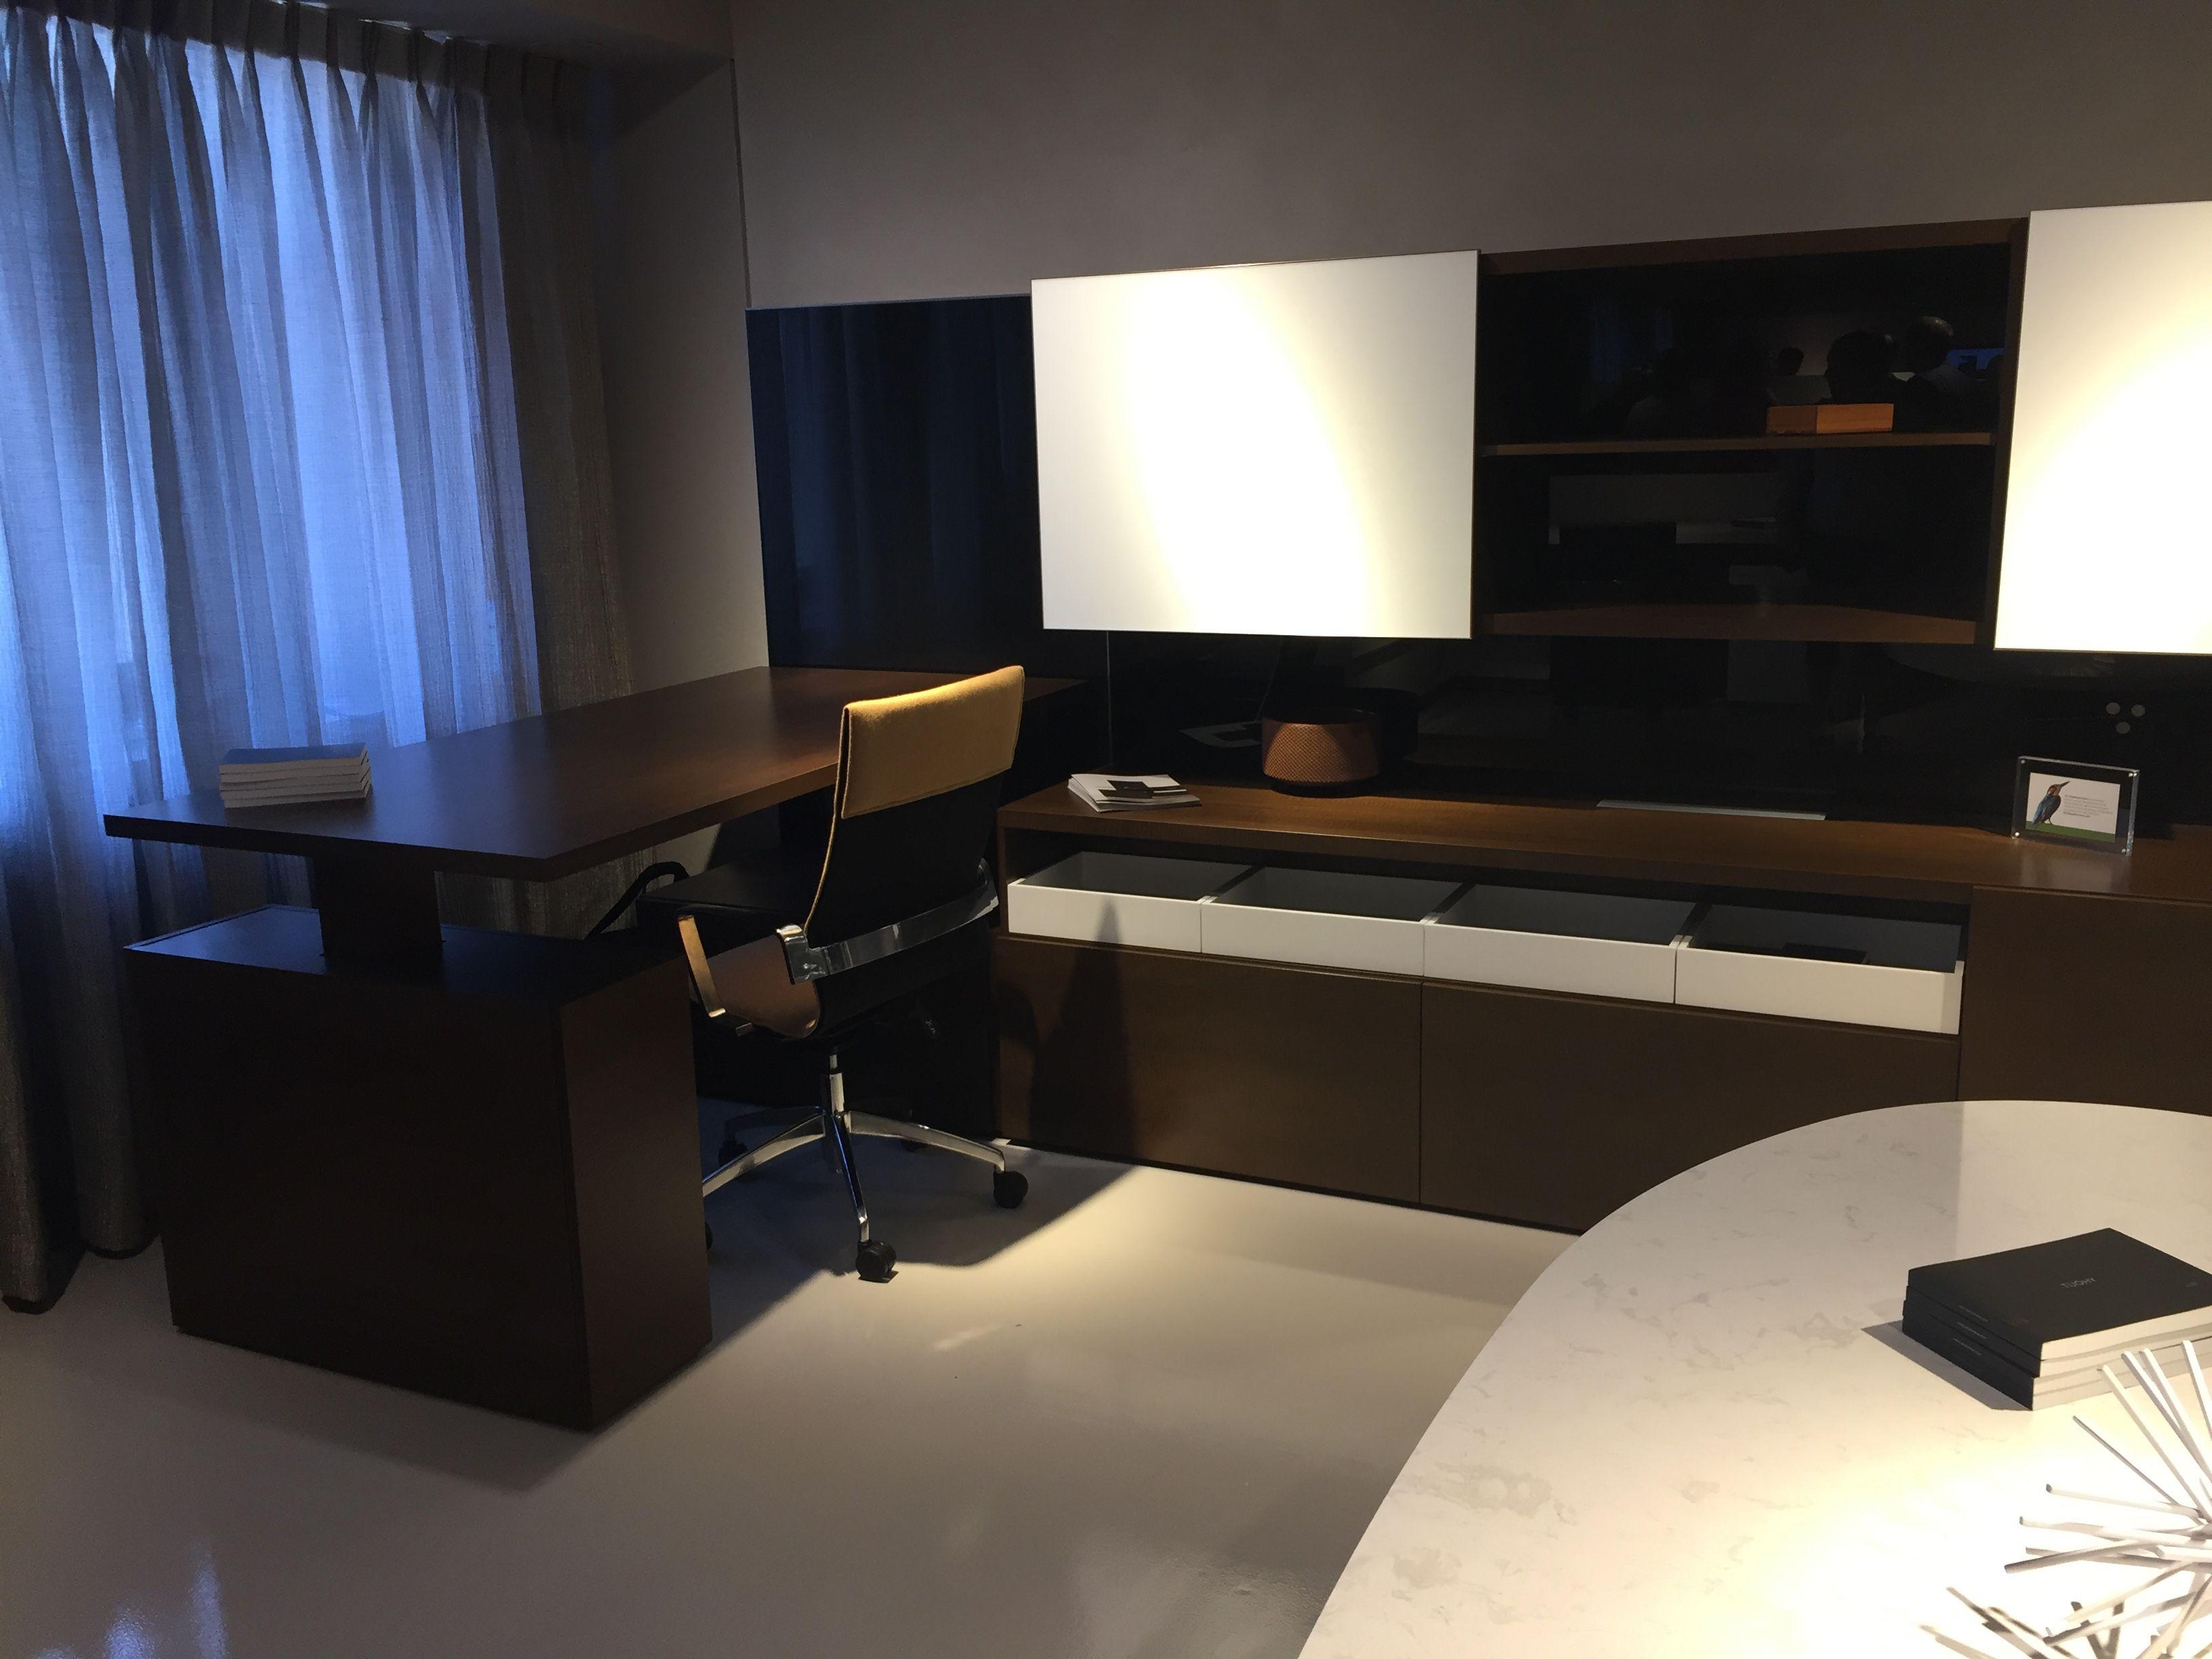 Tuohy NeoCon 2017 Executive Office Furniture